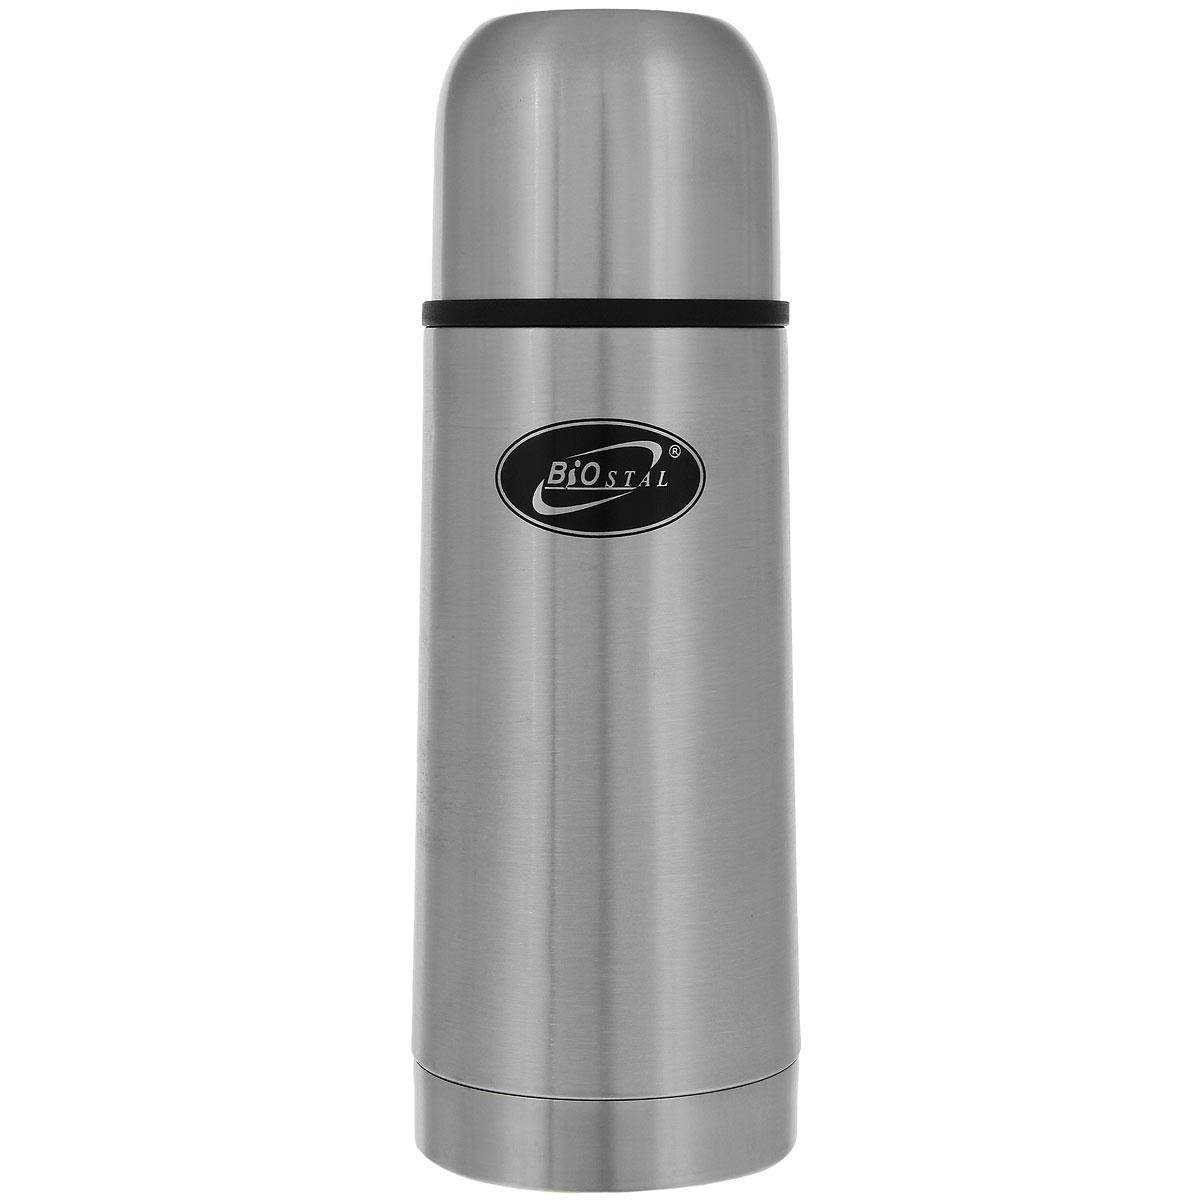 Термос Biostal, 350 мл. NB-350WS 7064Термос с узким горлом Biostal NВ-350 относится к классической серии. Термосы этой серии, являющейся лидером продаж, просты в использовании, экономичны и многофункциональны. Термос предназначен для хранения горячих и холодных напитков (чая, кофе и пр.) и укомплектован двумя пробками (вторая пробка в подарок): пробка без кнопки надежна, проста в использовании и позволяет дольше сохранять тепло благодаря дополнительной теплоизоляции, пробка с кнопкой удобна в использовании и позволяет, не отвинчивая ее, наливать напитки после простого нажатия на кнопку.Особенности термоса:Легкий и прочный.Сохраняет напитки горячими или холодными долгое время.Изготовлен из высококачественной нержавеющей стали.